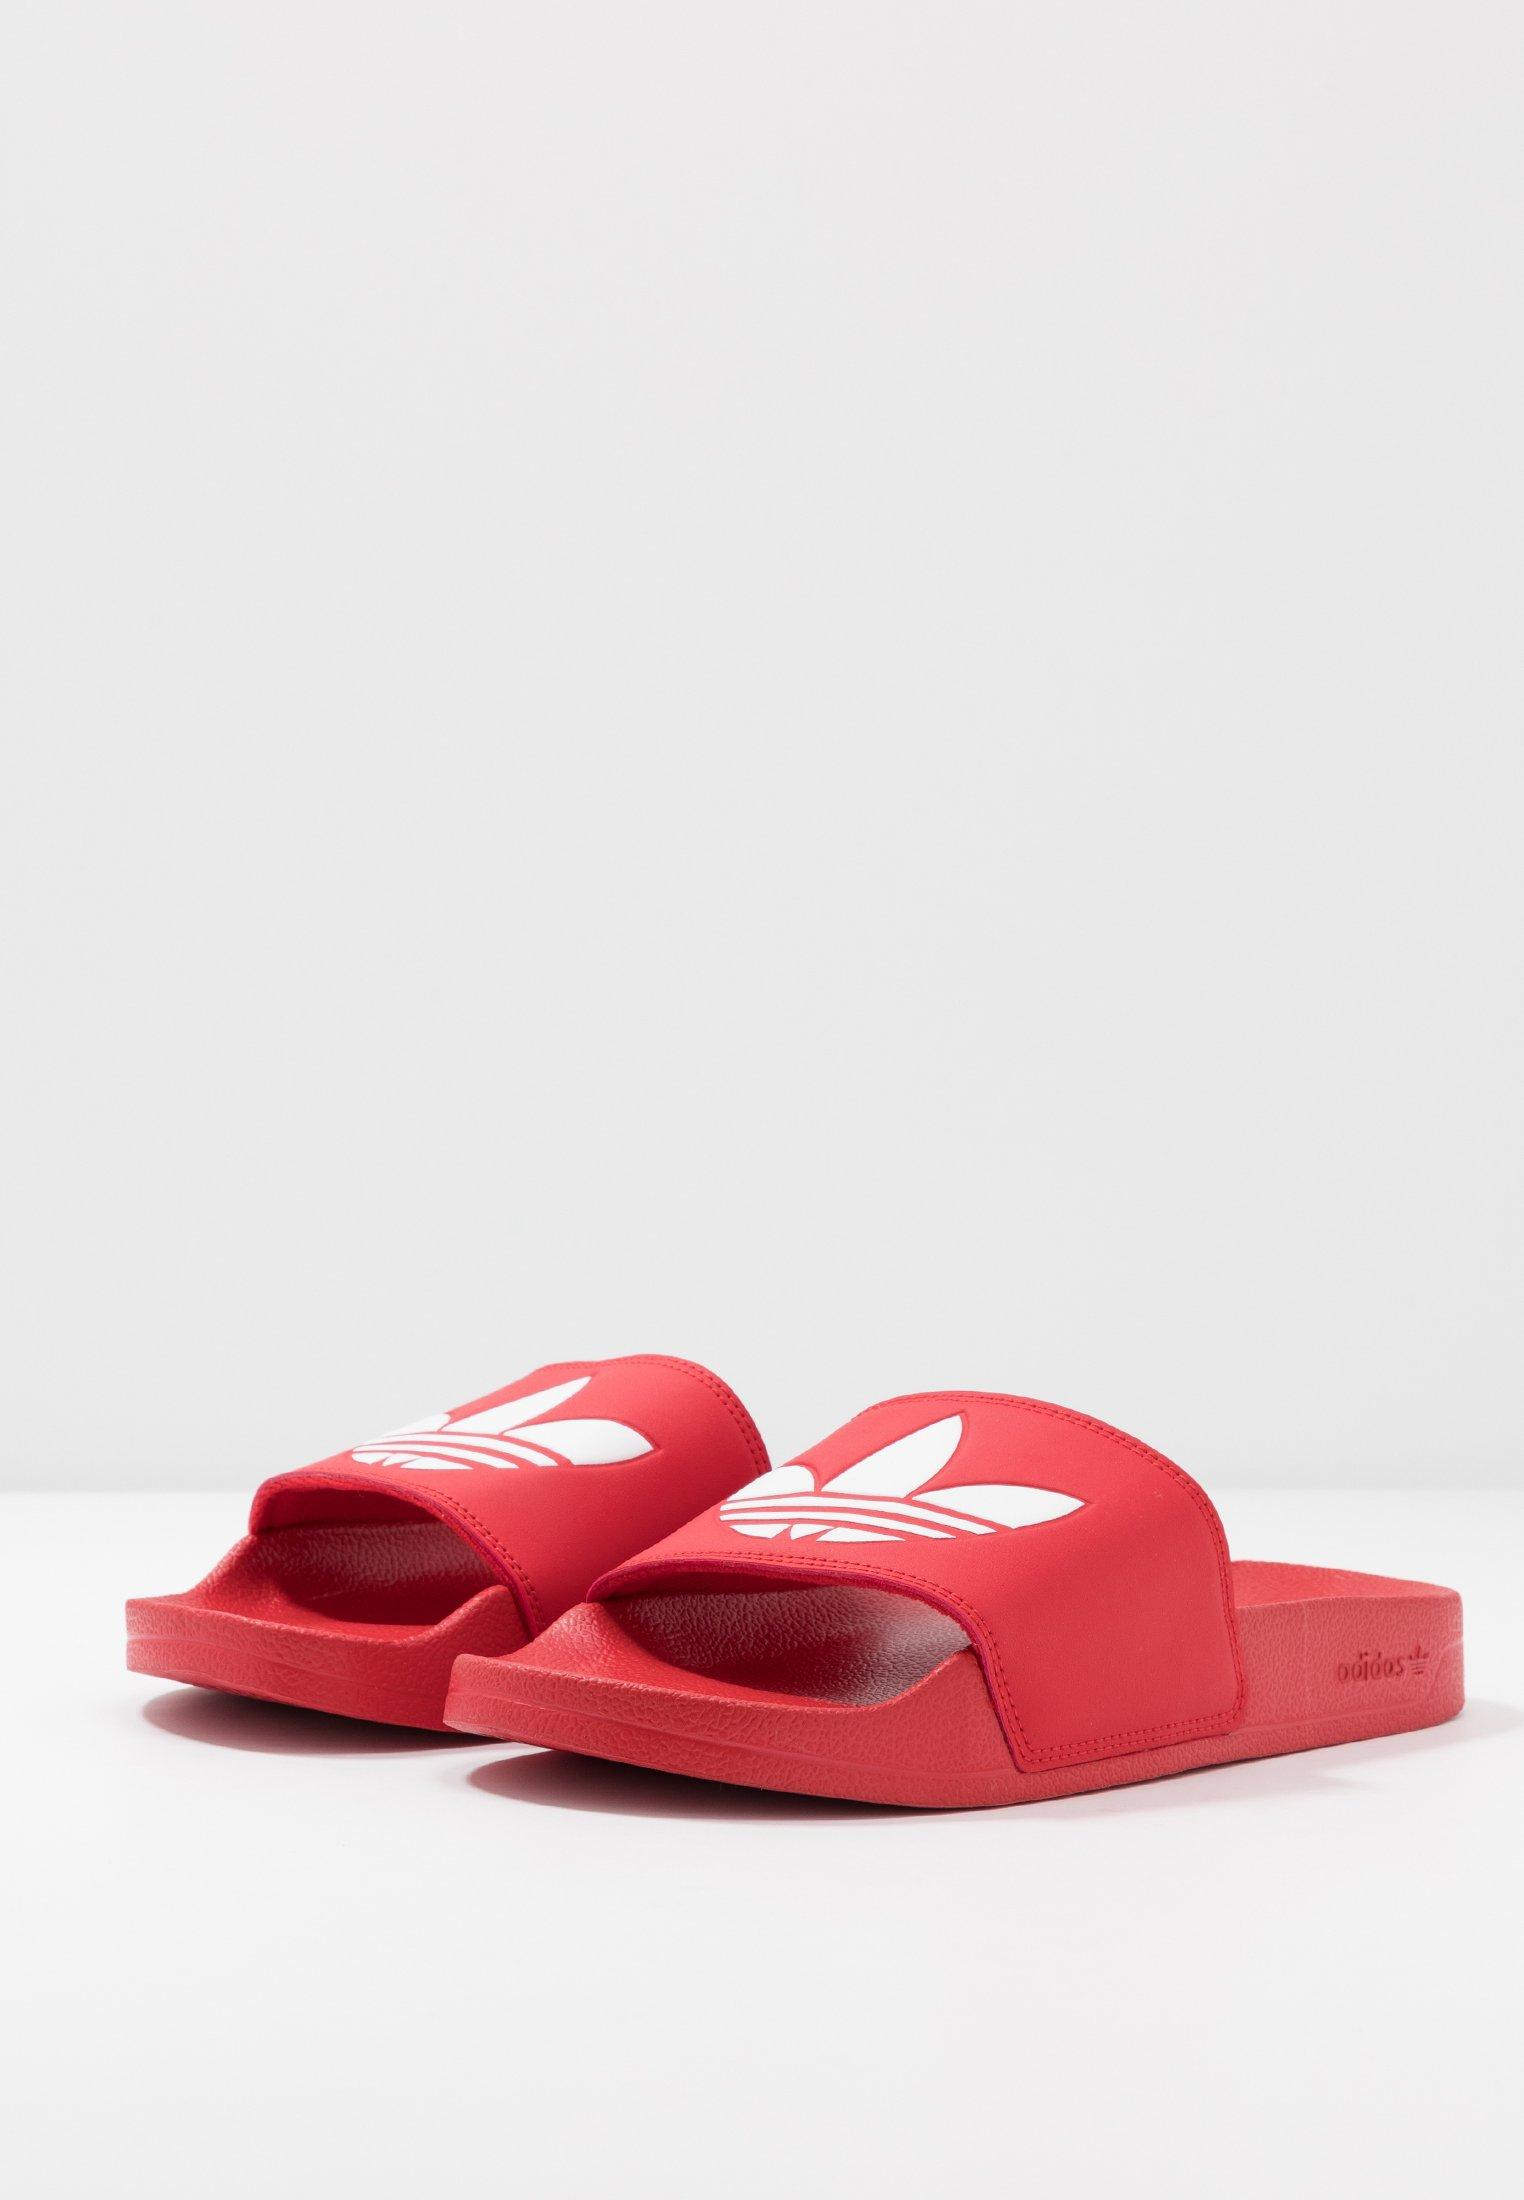 Originals LITEMules scarlet footwear ADILETTE adidas white PiXZOuk